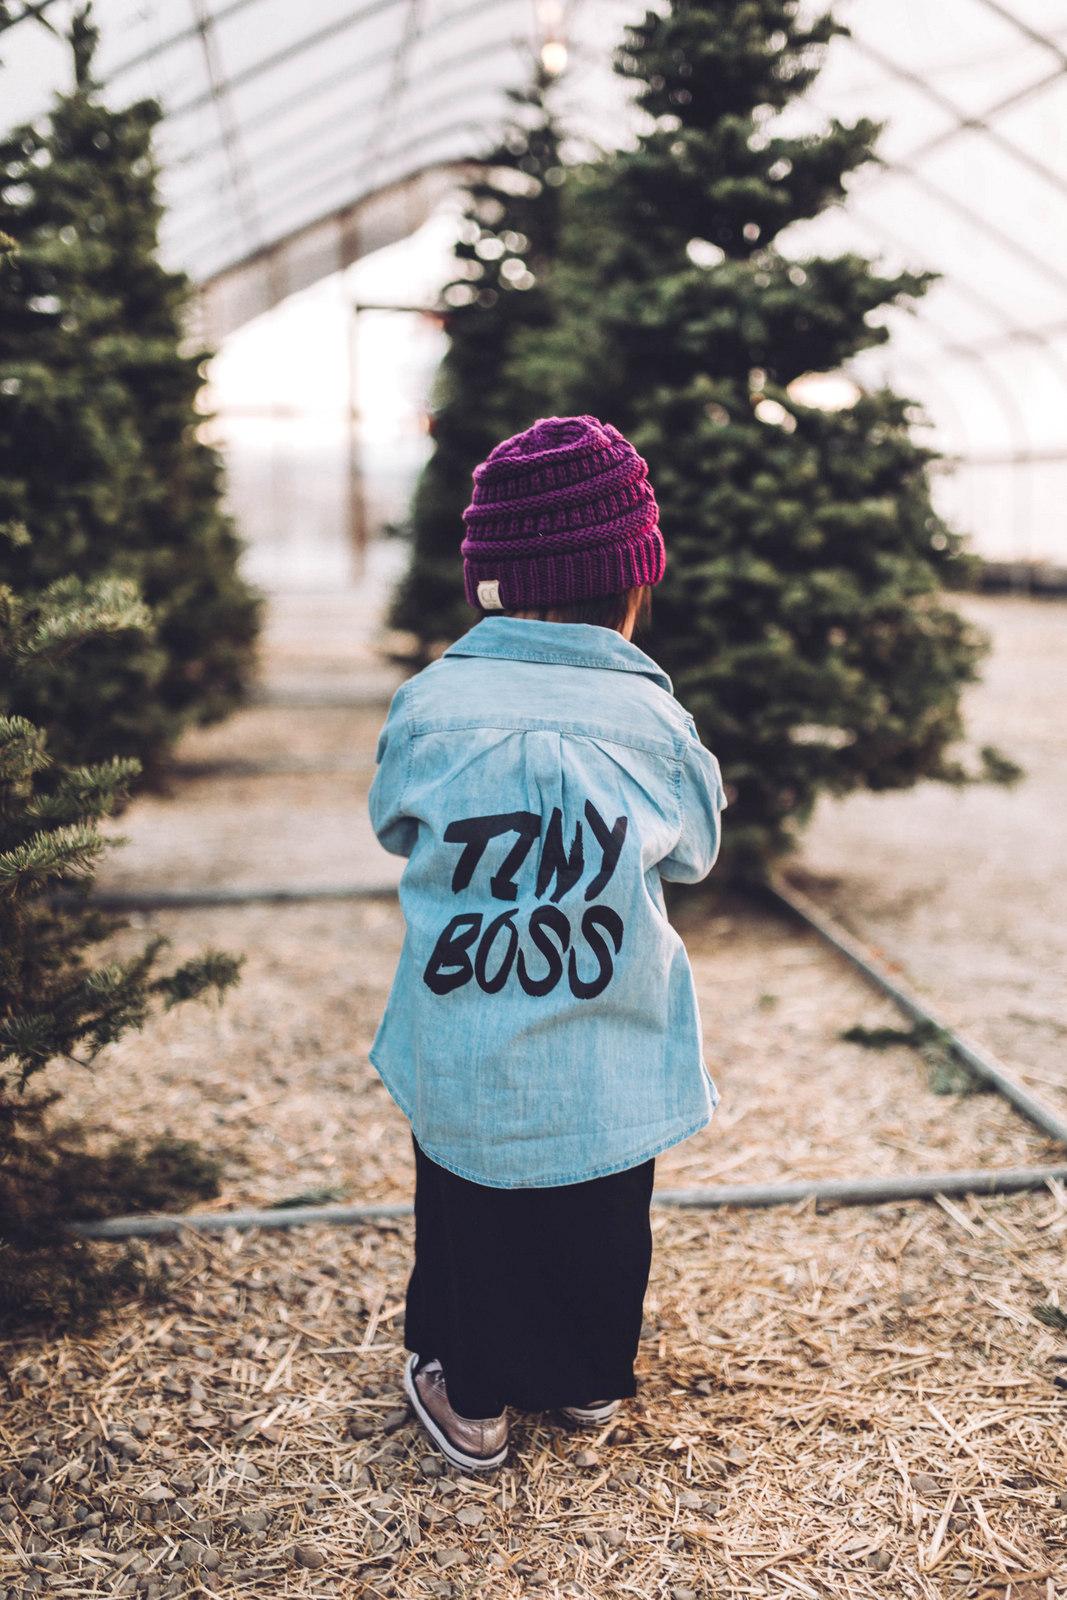 Tiny Boss